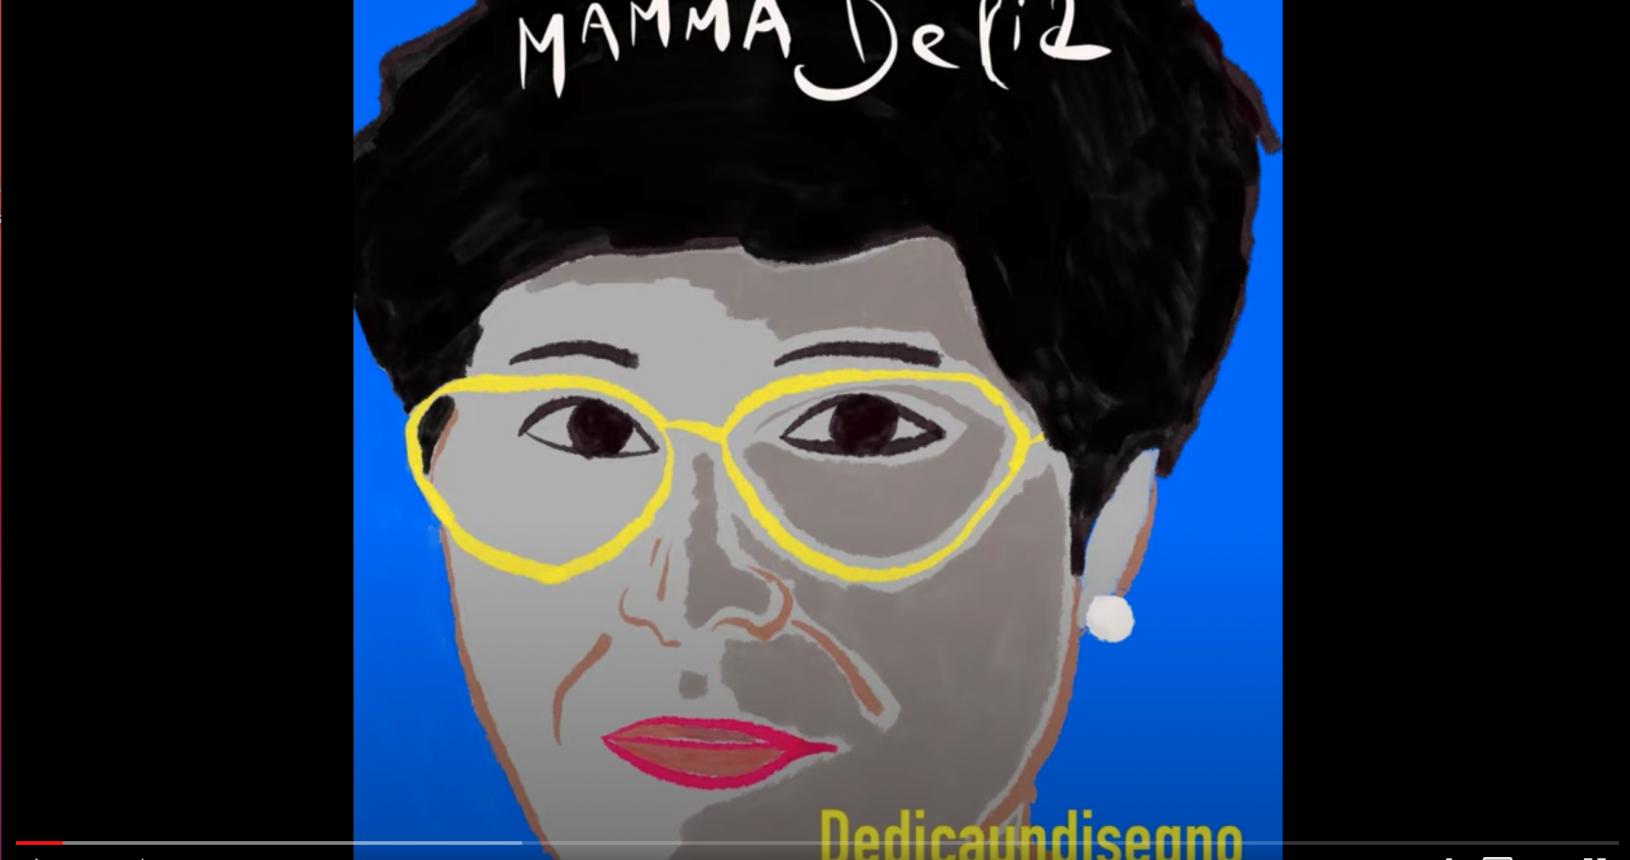 Mamma Delia